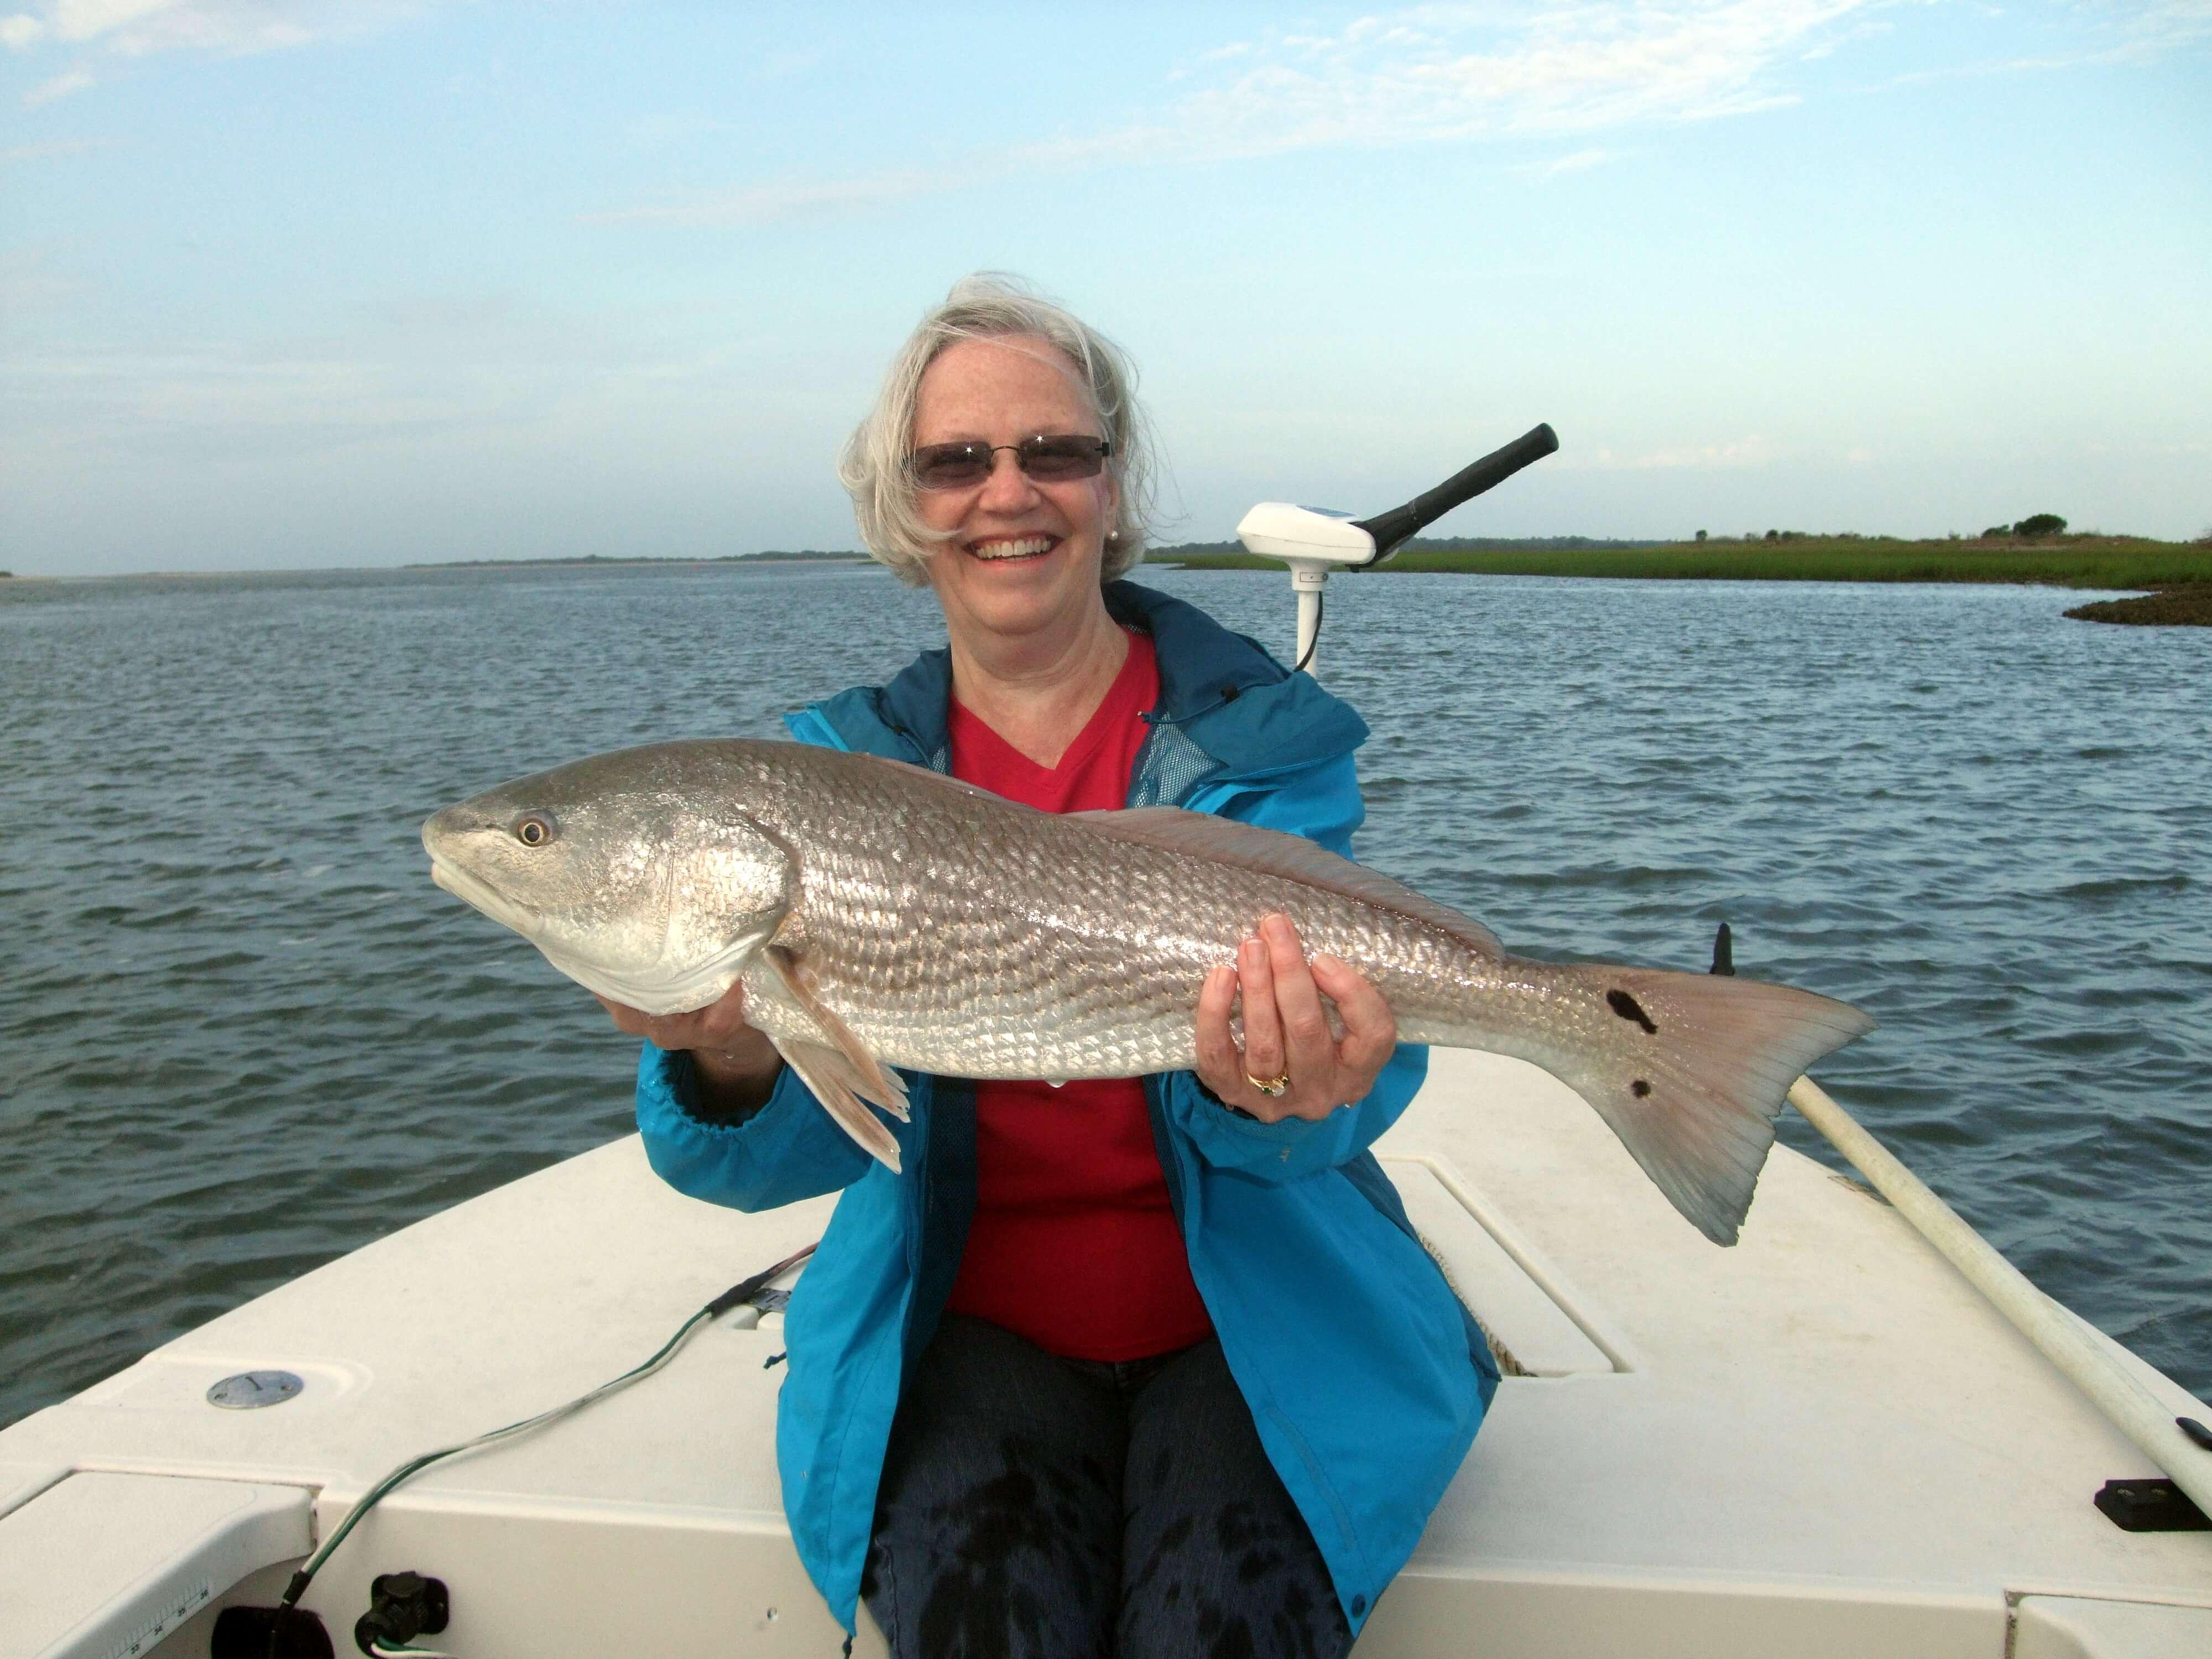 Kiawah island fishing charters charleston charter fishing for Kiawah island fishing